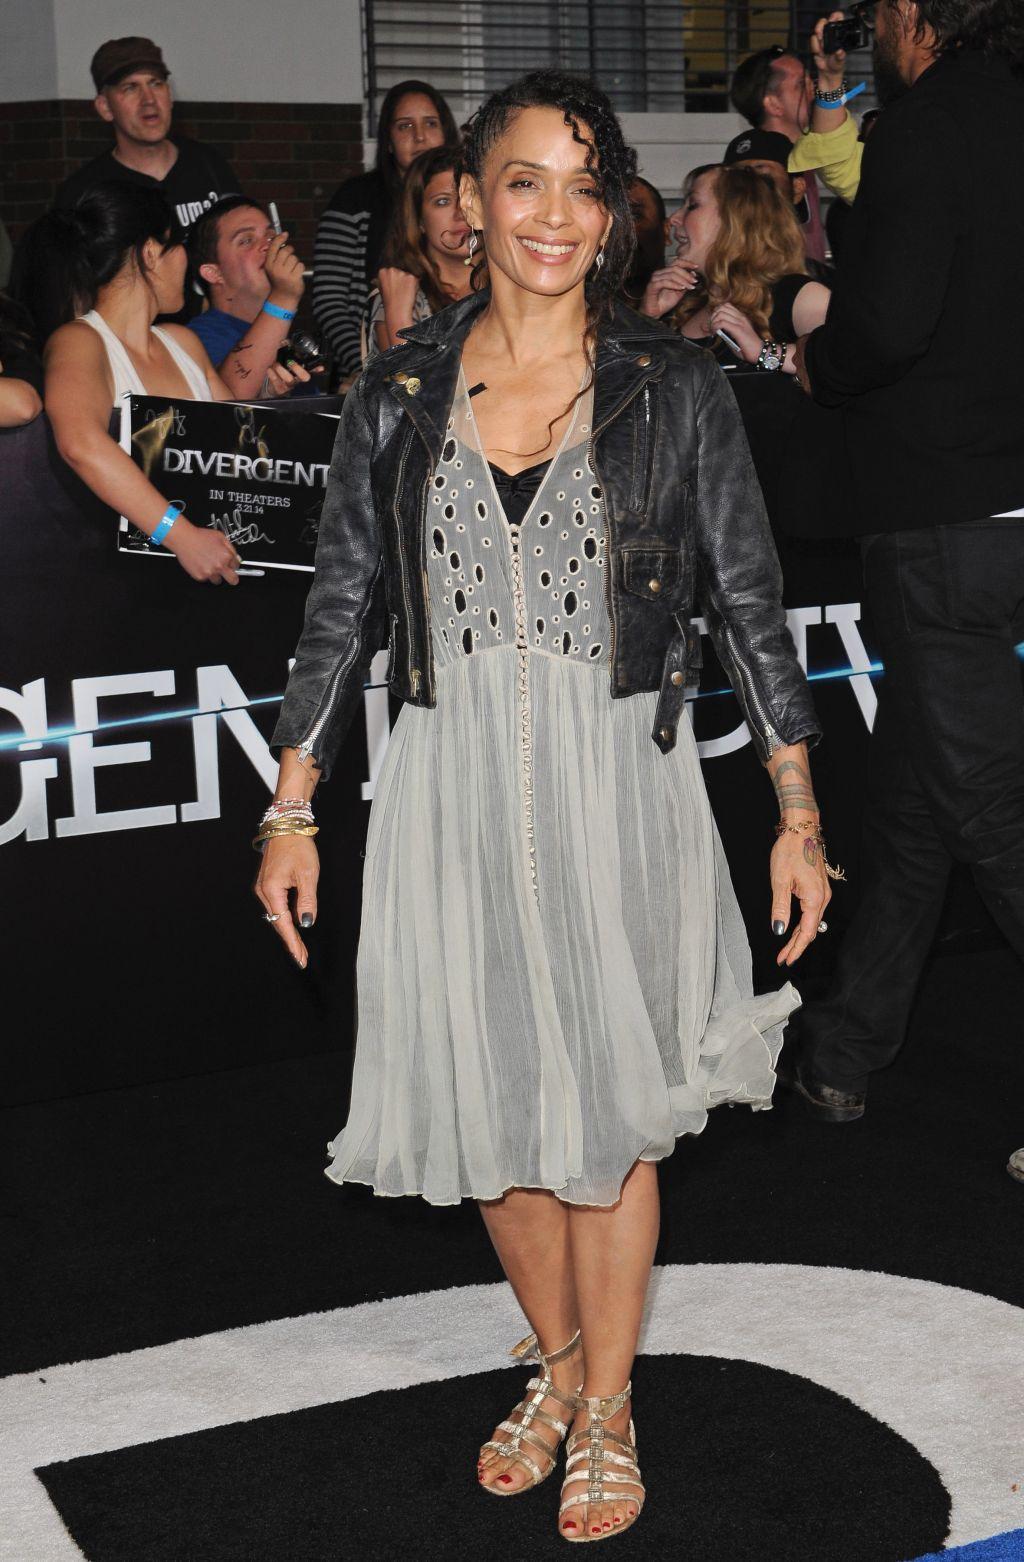 'Divergent' - Los Angeles Premiere